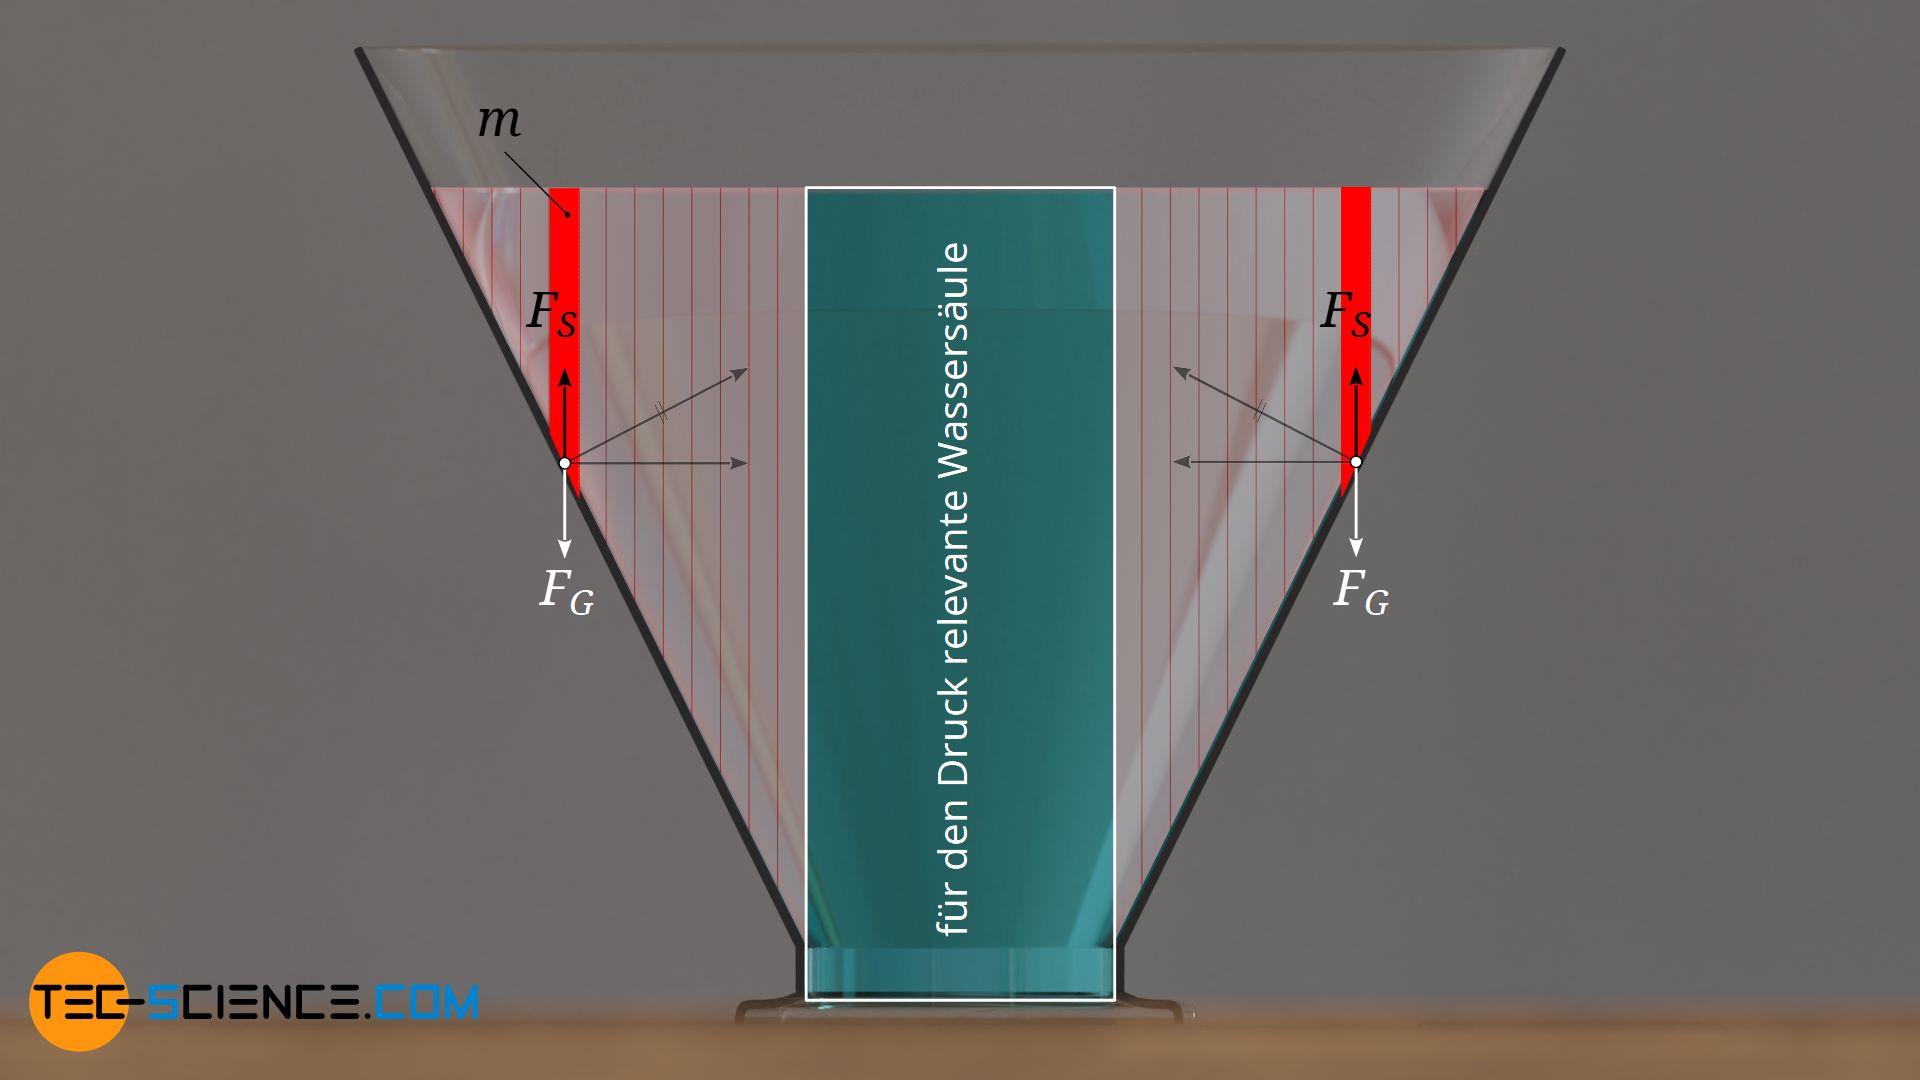 Kräfte an der Gefäßwand aufgrund des hydrostatischen Drucks